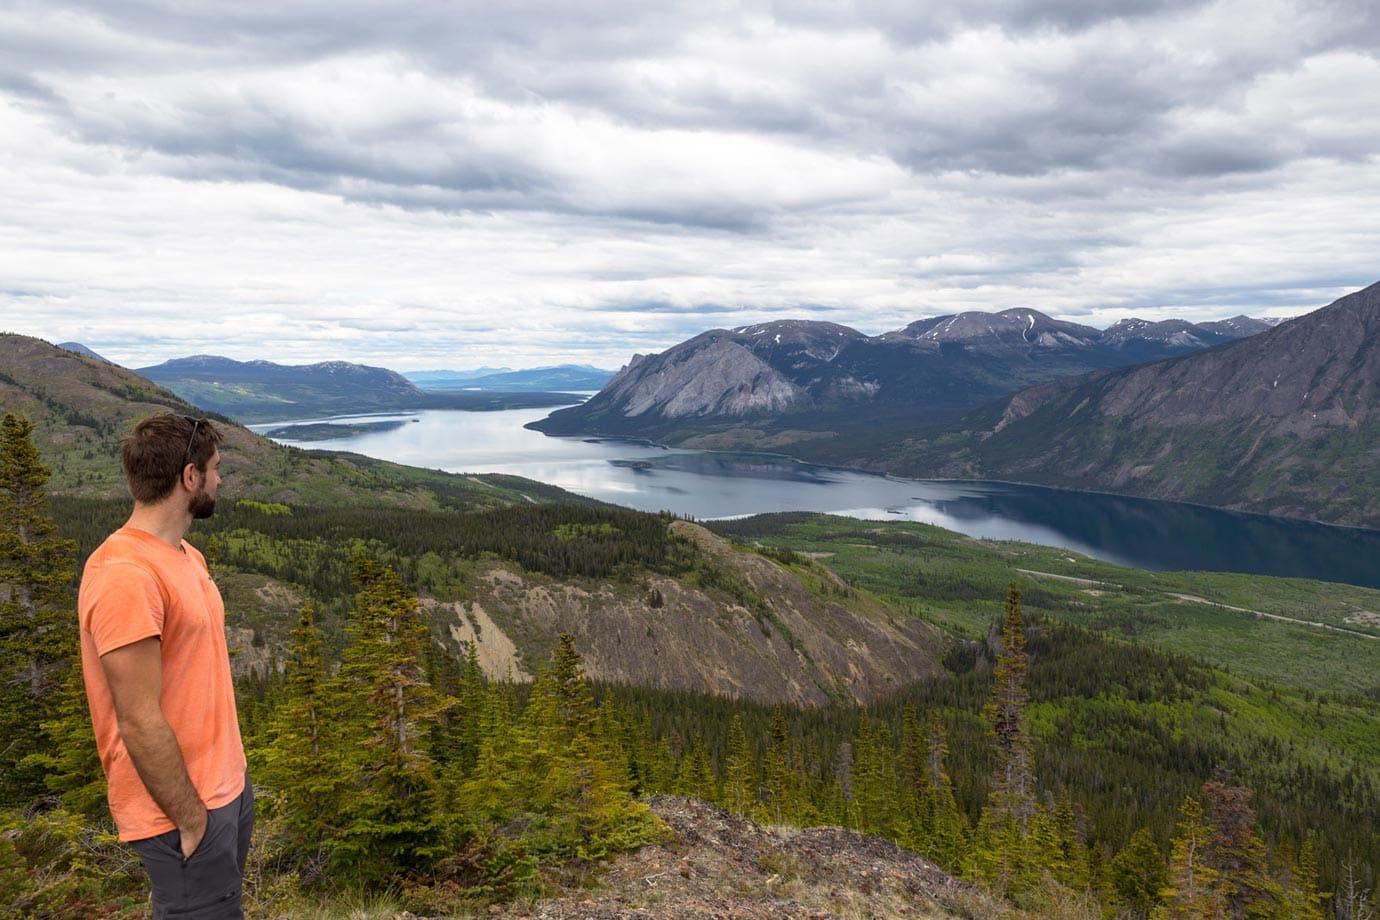 Hiking in the Yukon